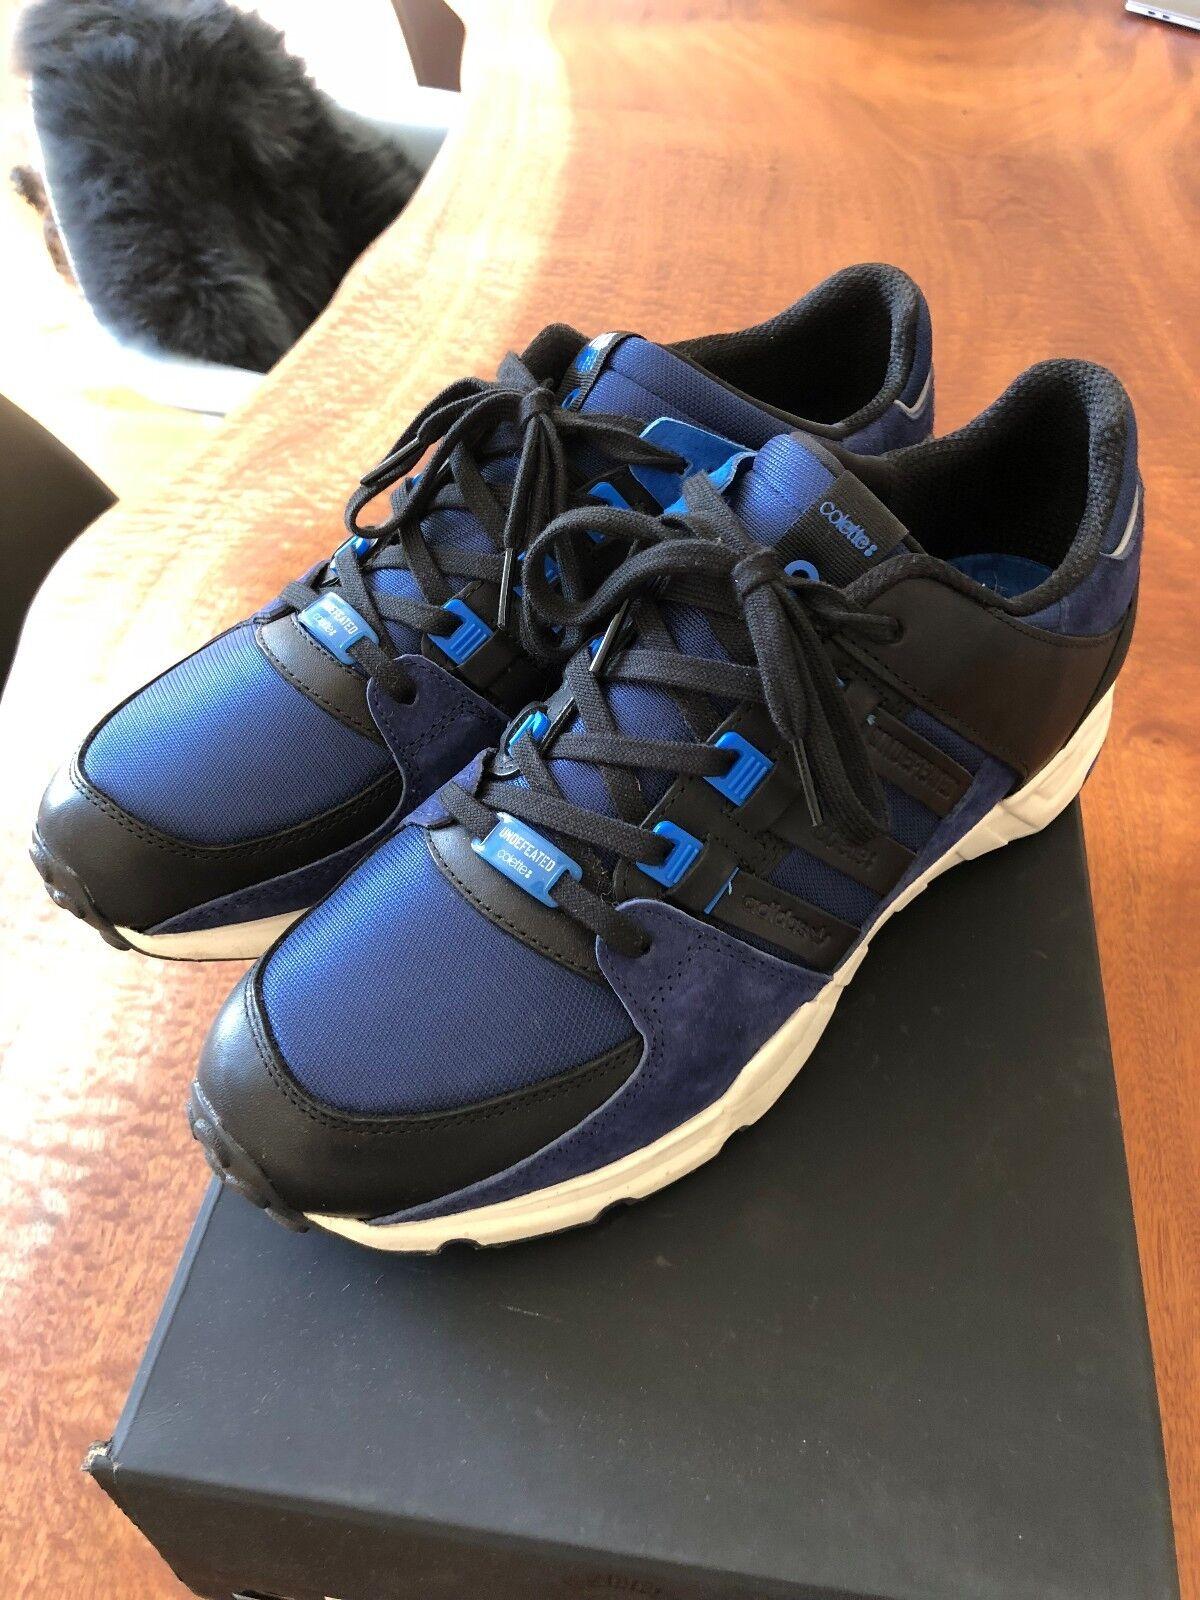 Adidas Consortium Equipmännert Support x Colette EU46